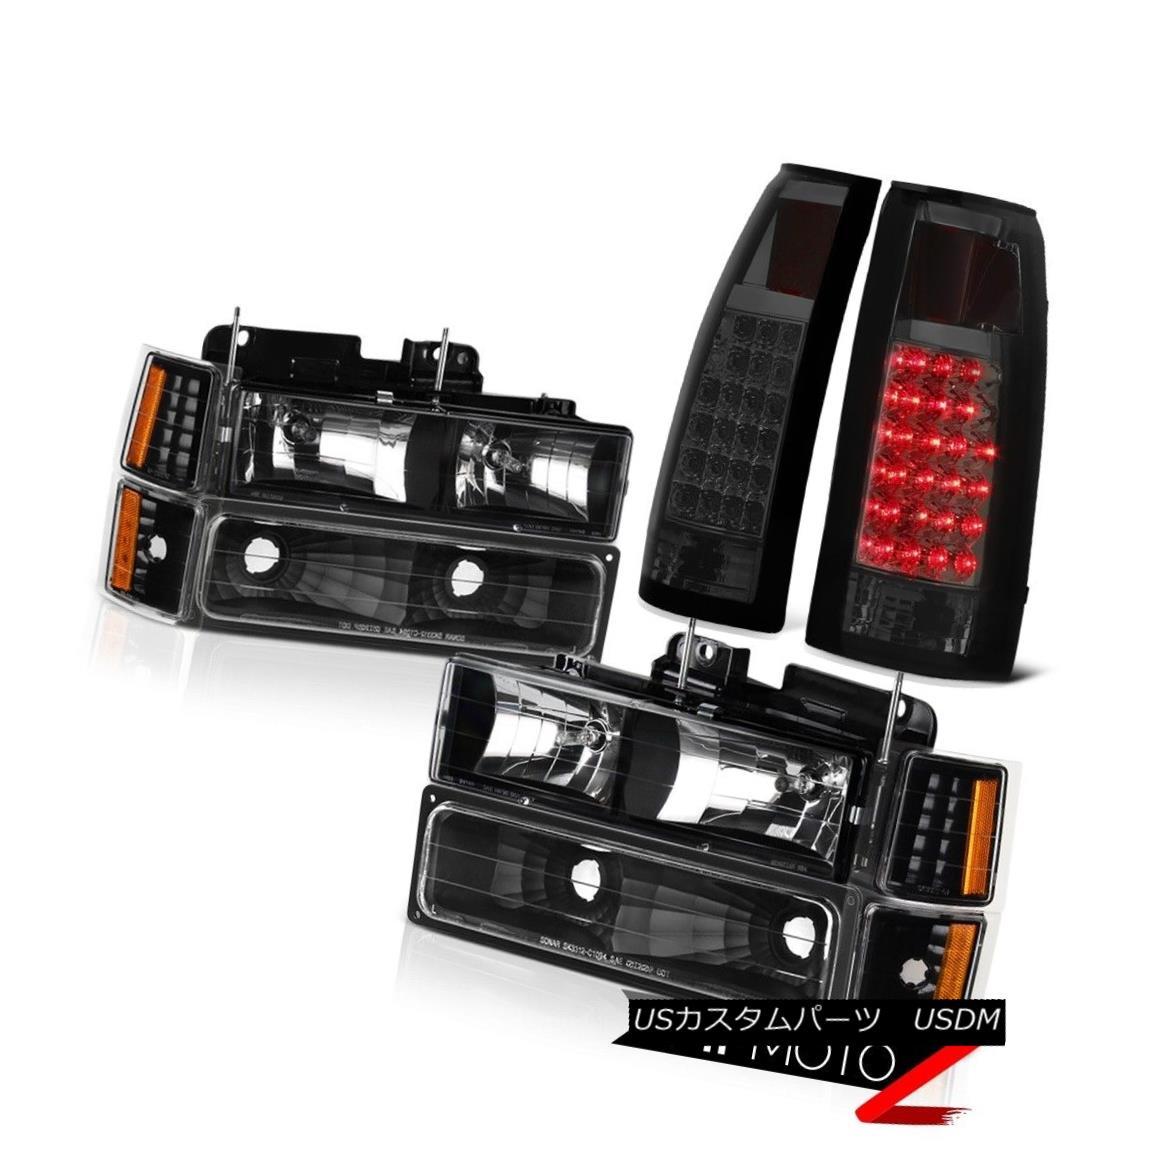 ヘッドライト Smoke Brake Lamps w/ LED + Headlights Bumper 1994-1998 Chevy Suburban 1500 2500 スモークブレーキランプ(LED +ヘッドライトバンパー付き)1994-1998 Chevy Suburban 1500 2500